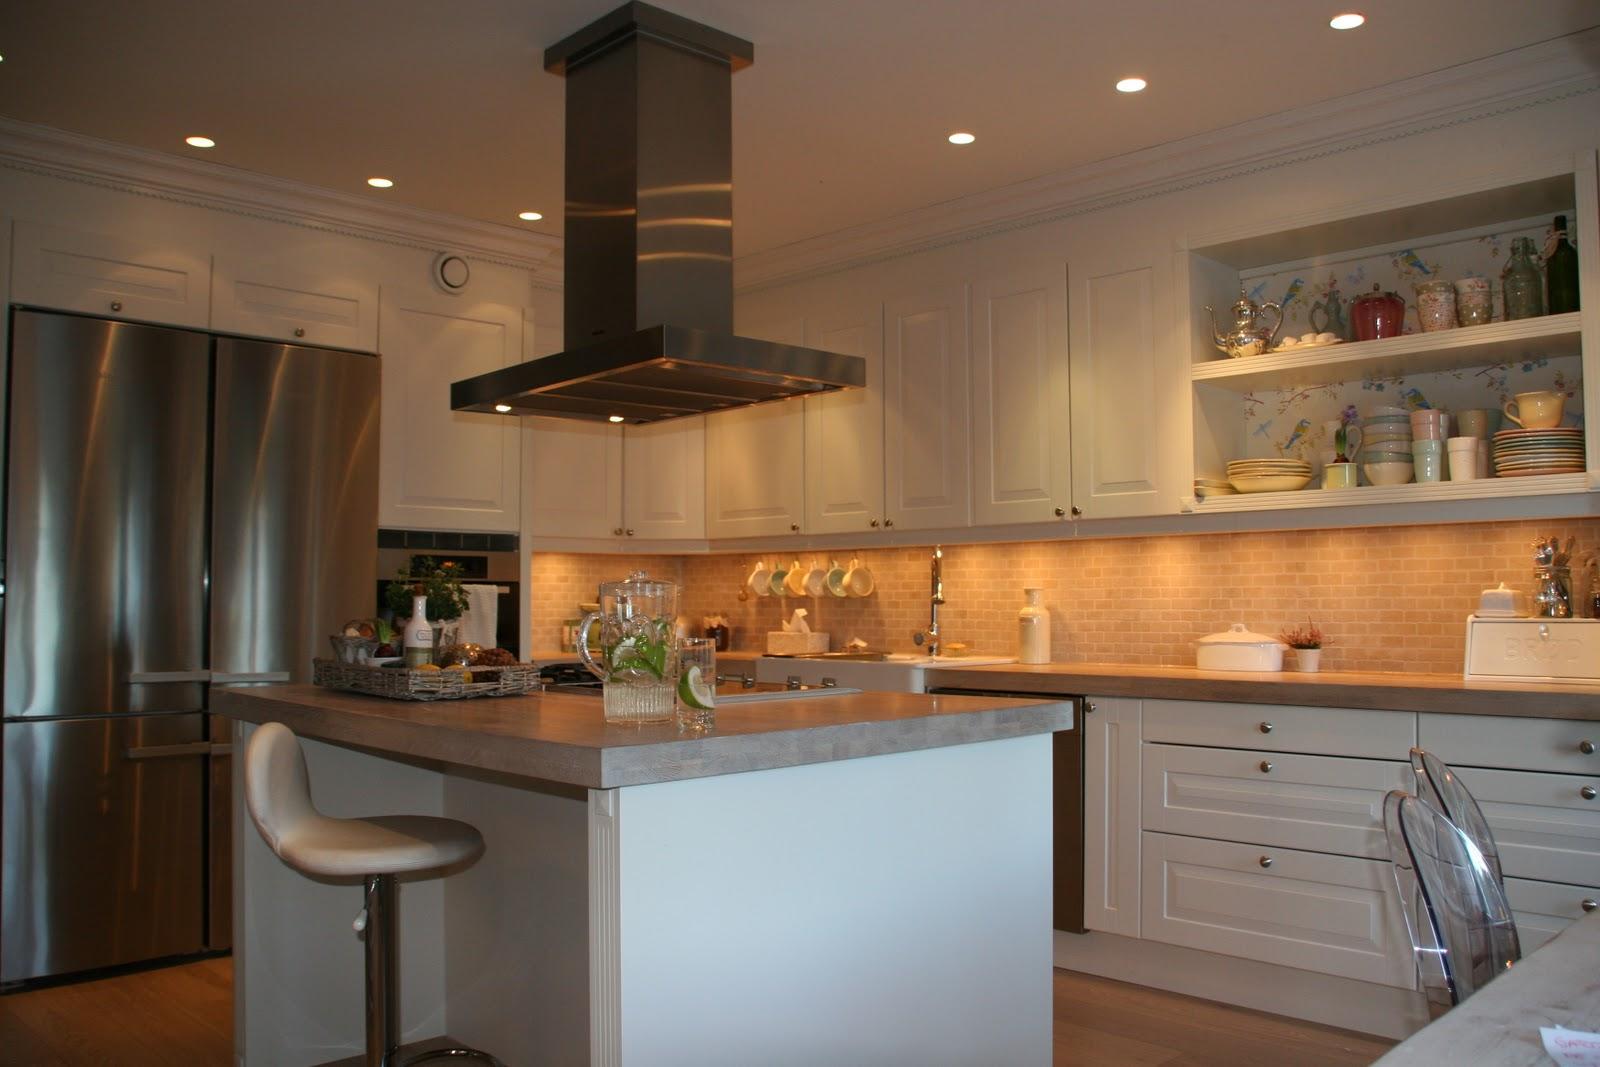 BOISERIE & C.: Shabby Chic Norvegese #A36928 1600 1067 Cucine Stile Norvegese